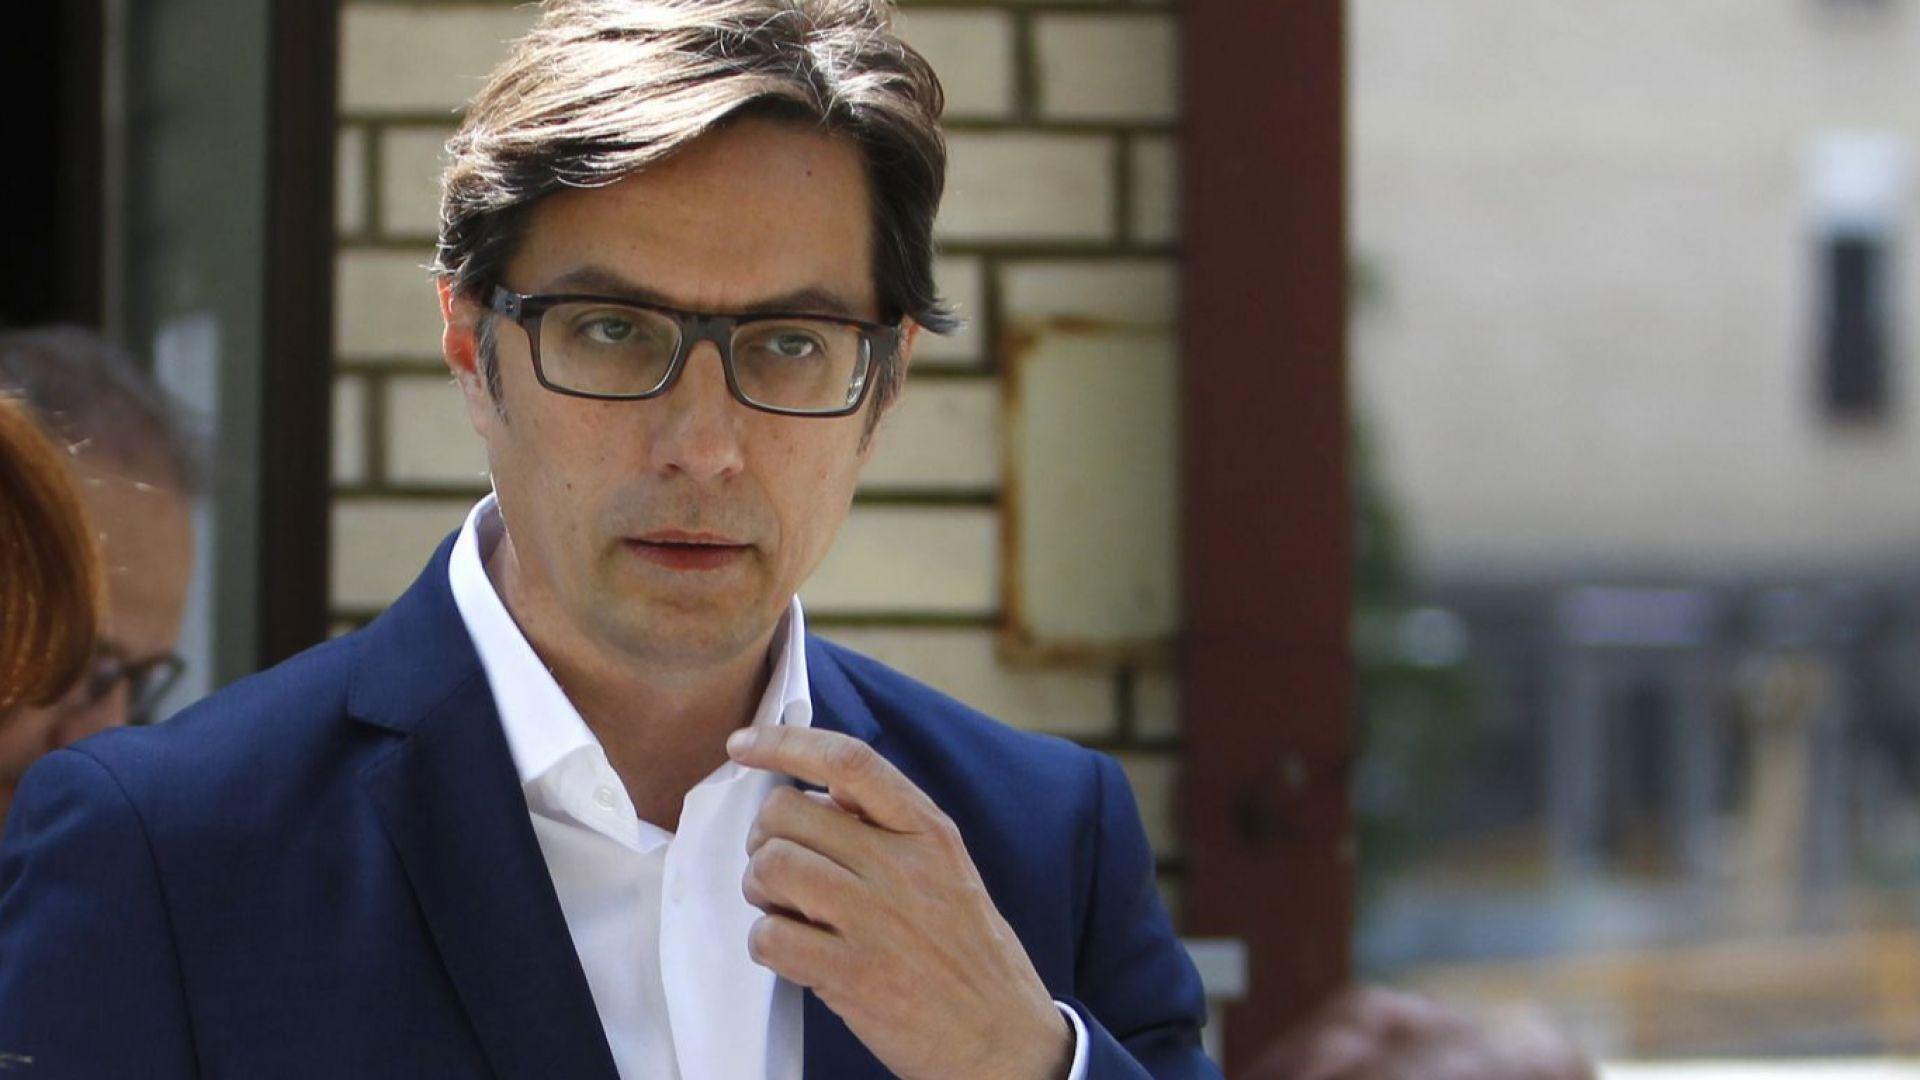 Първи изборни резултати в Северна Македония: Пендаровски води пред Силяновска